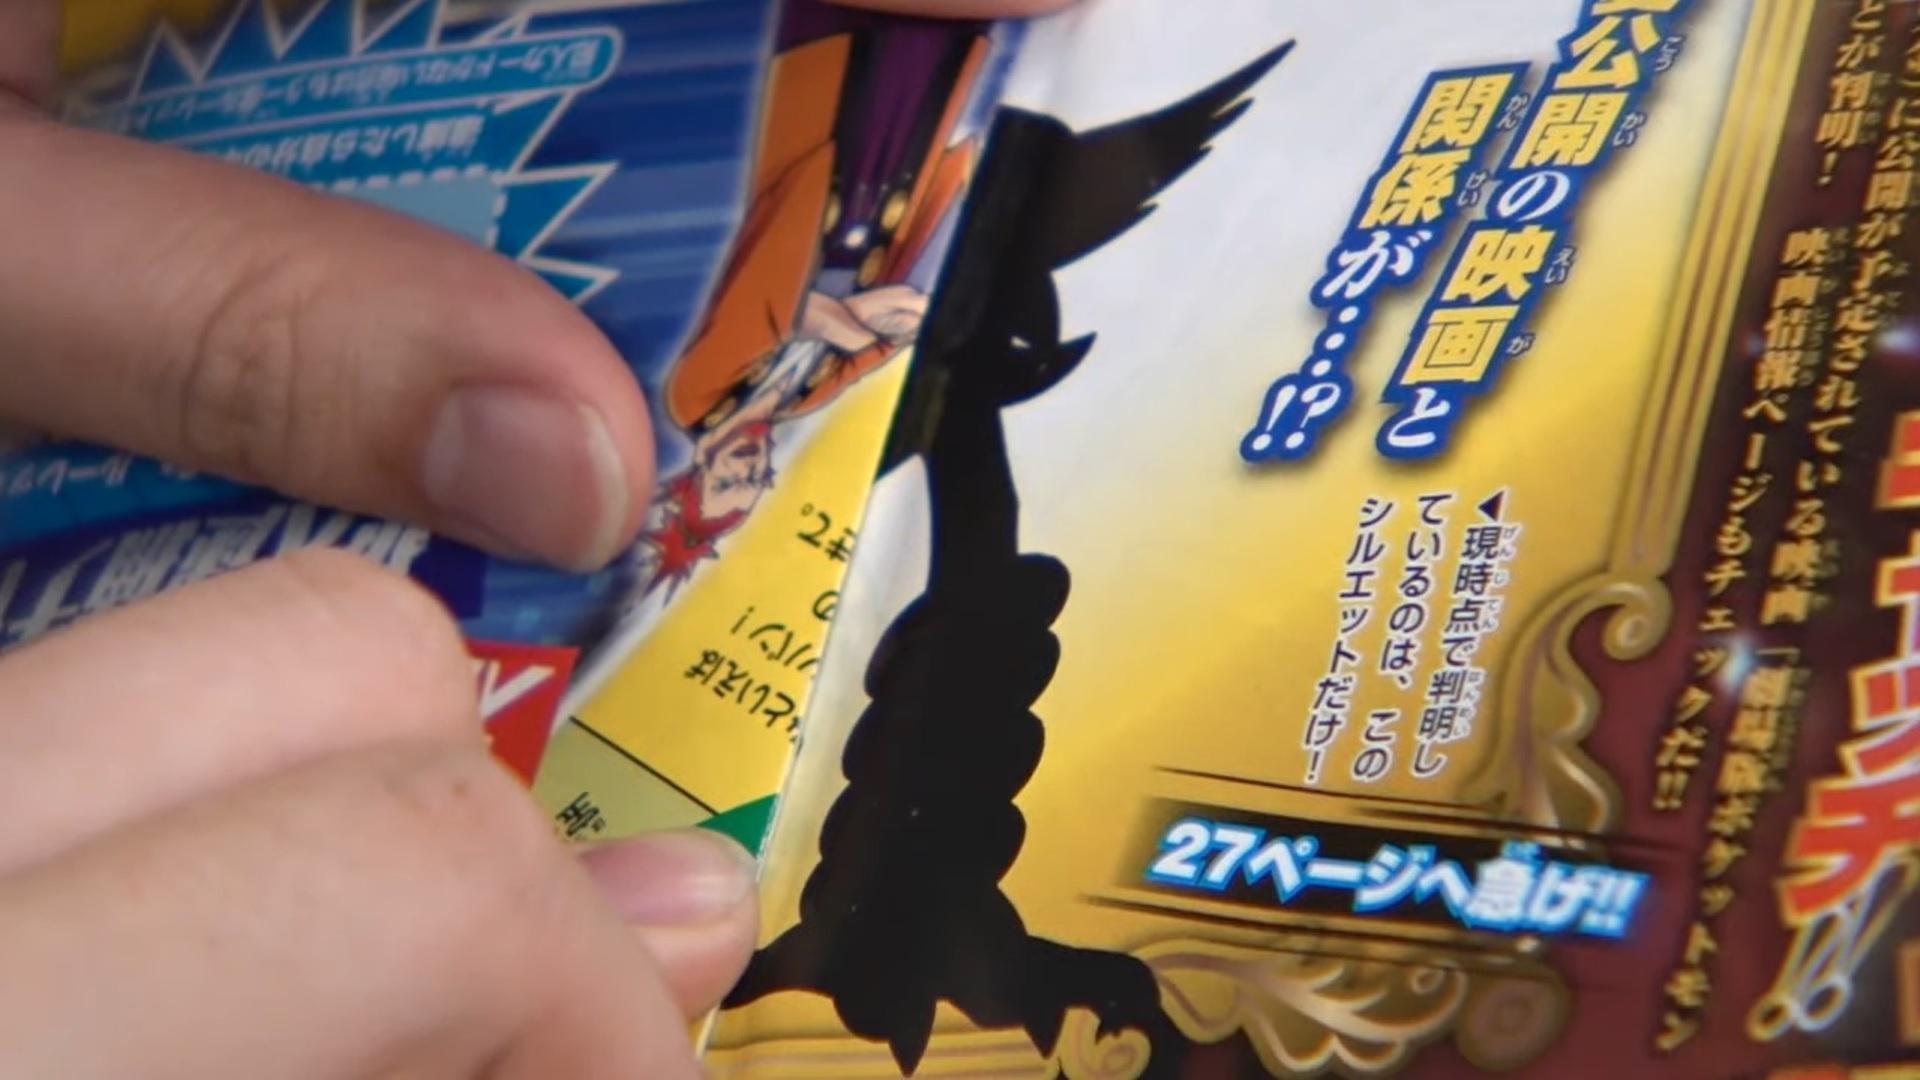 corocoro new legendary pokemon